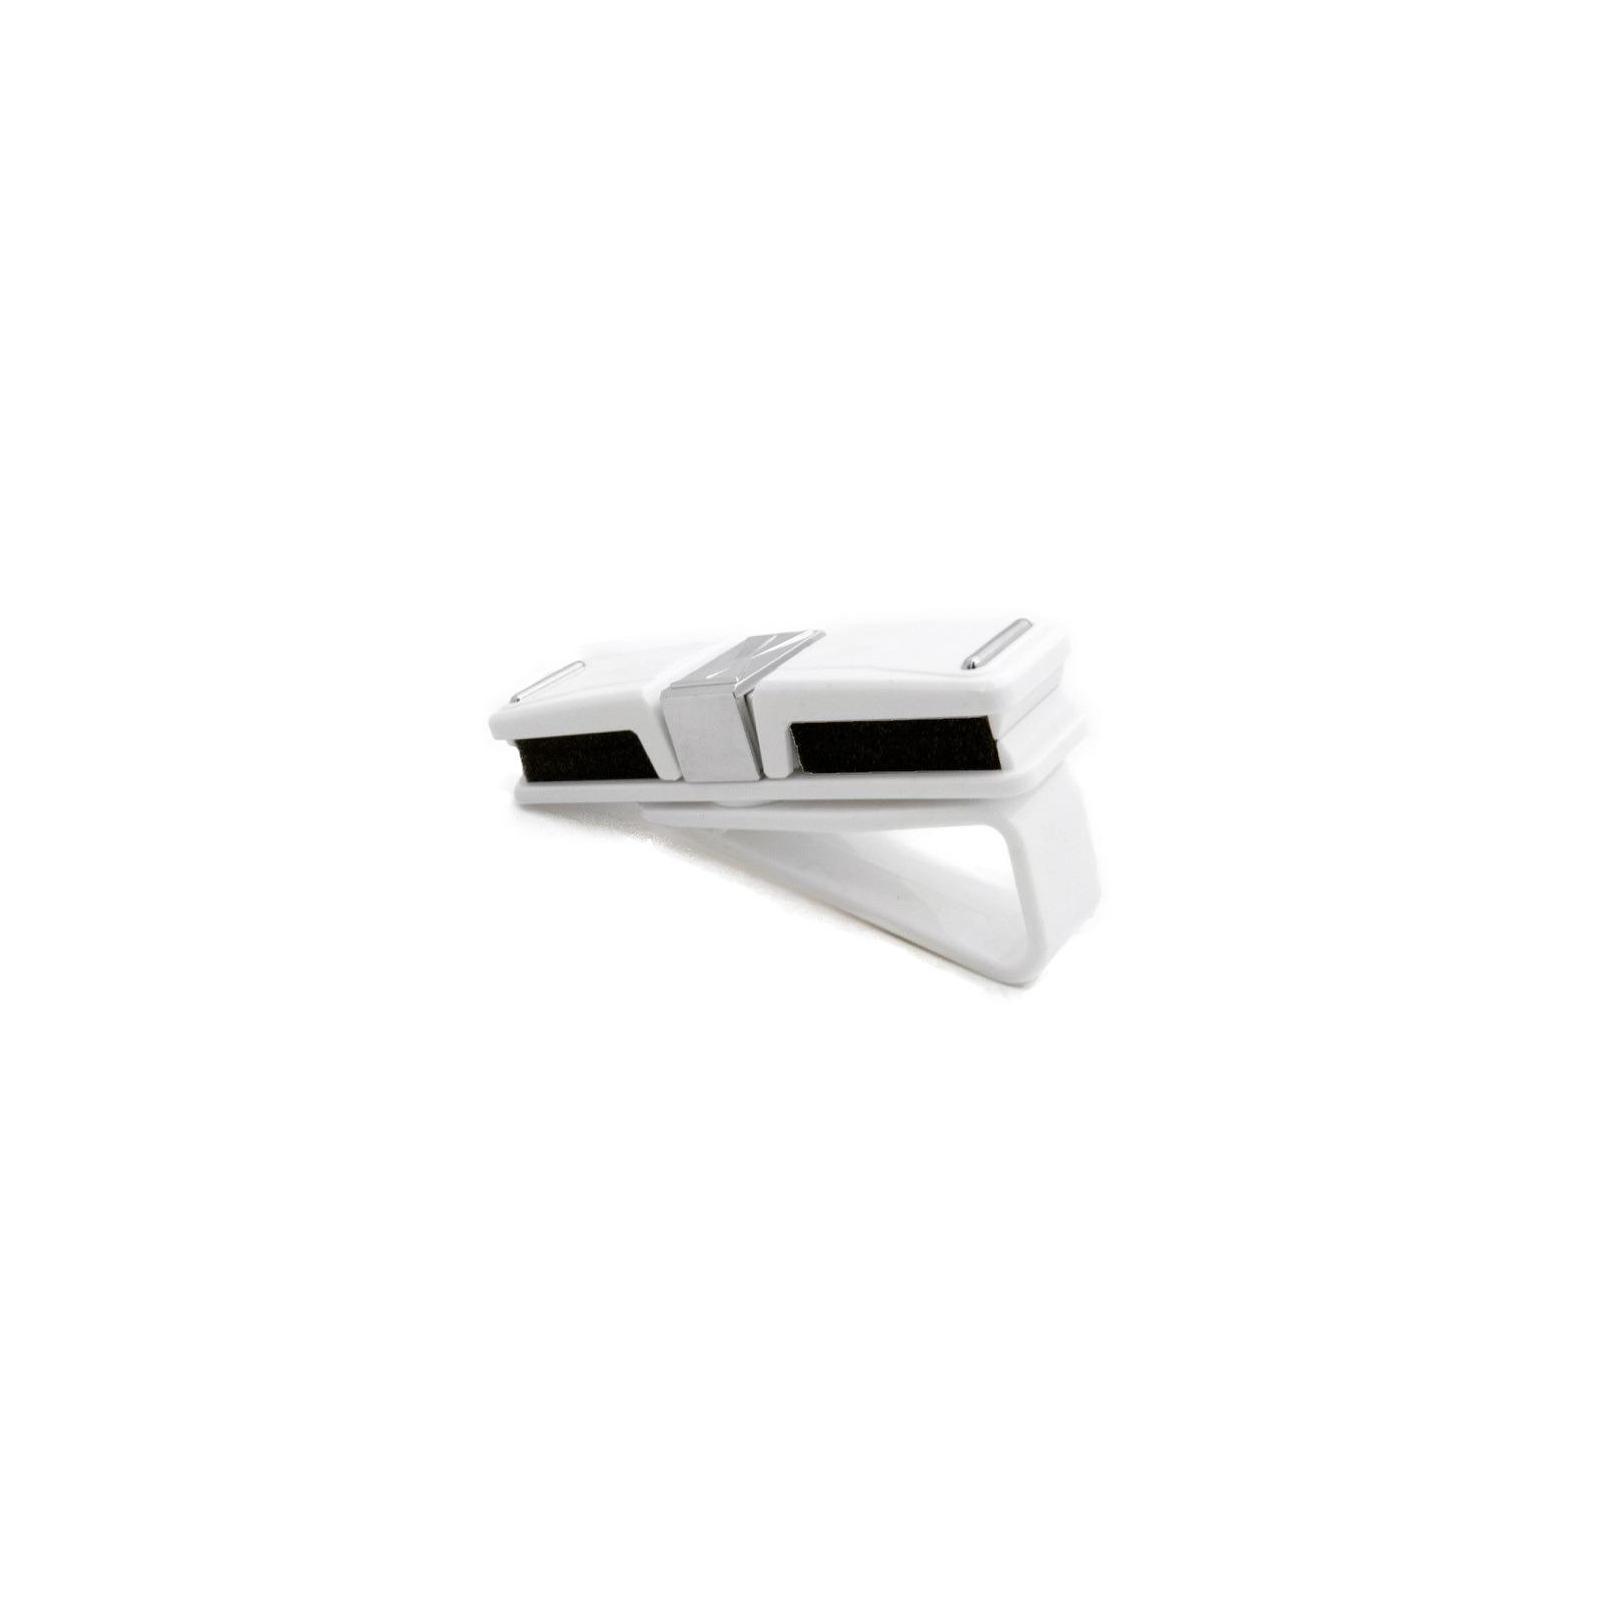 Универсальный автодержатель EXTRADIGITAL для очков Glasses Holder White (CGH4121)